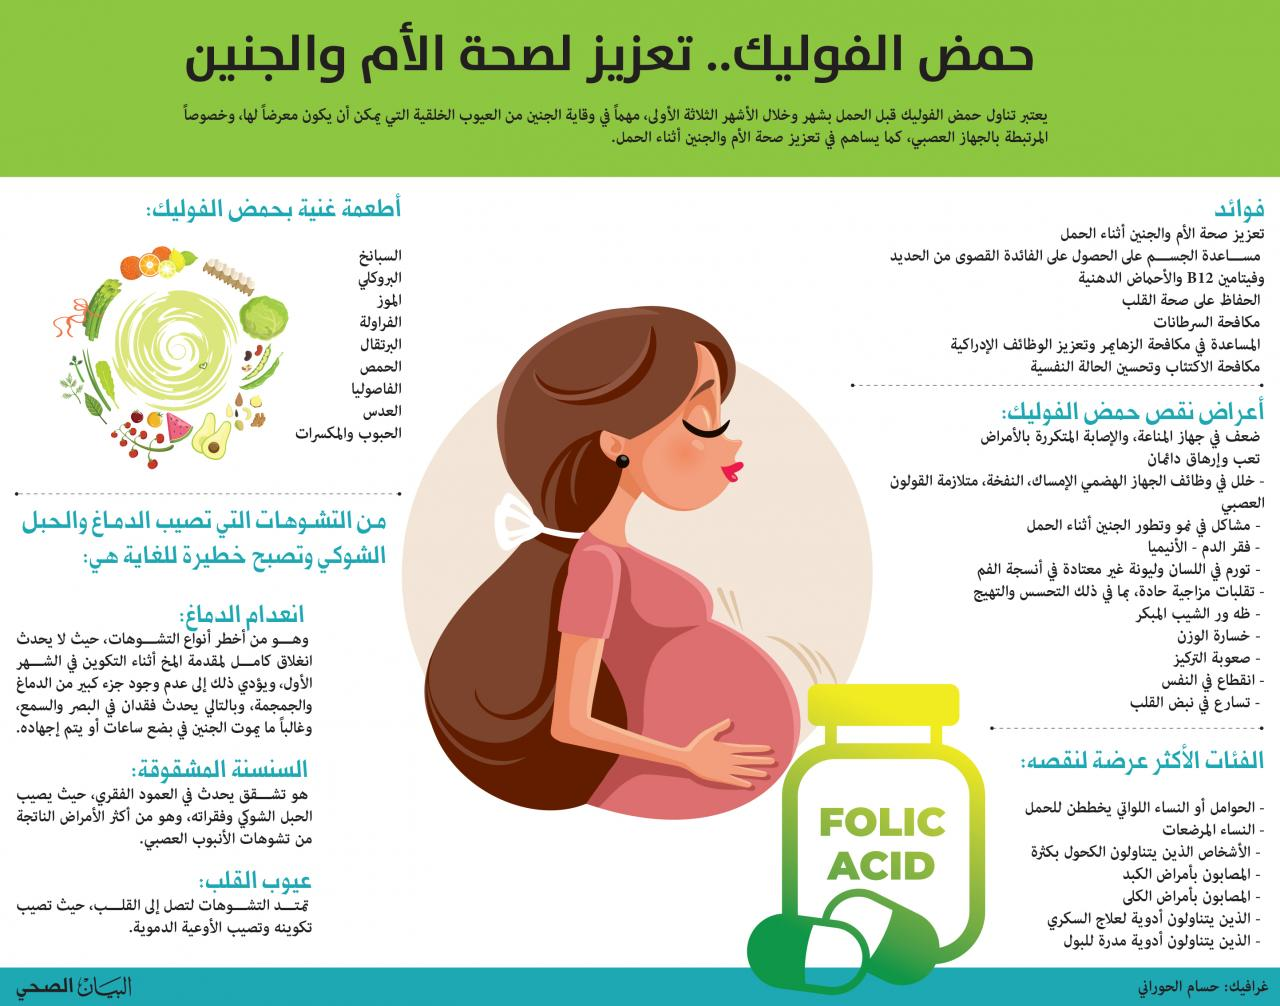 اضرار مثبت الحمل مشاعر اشتياق